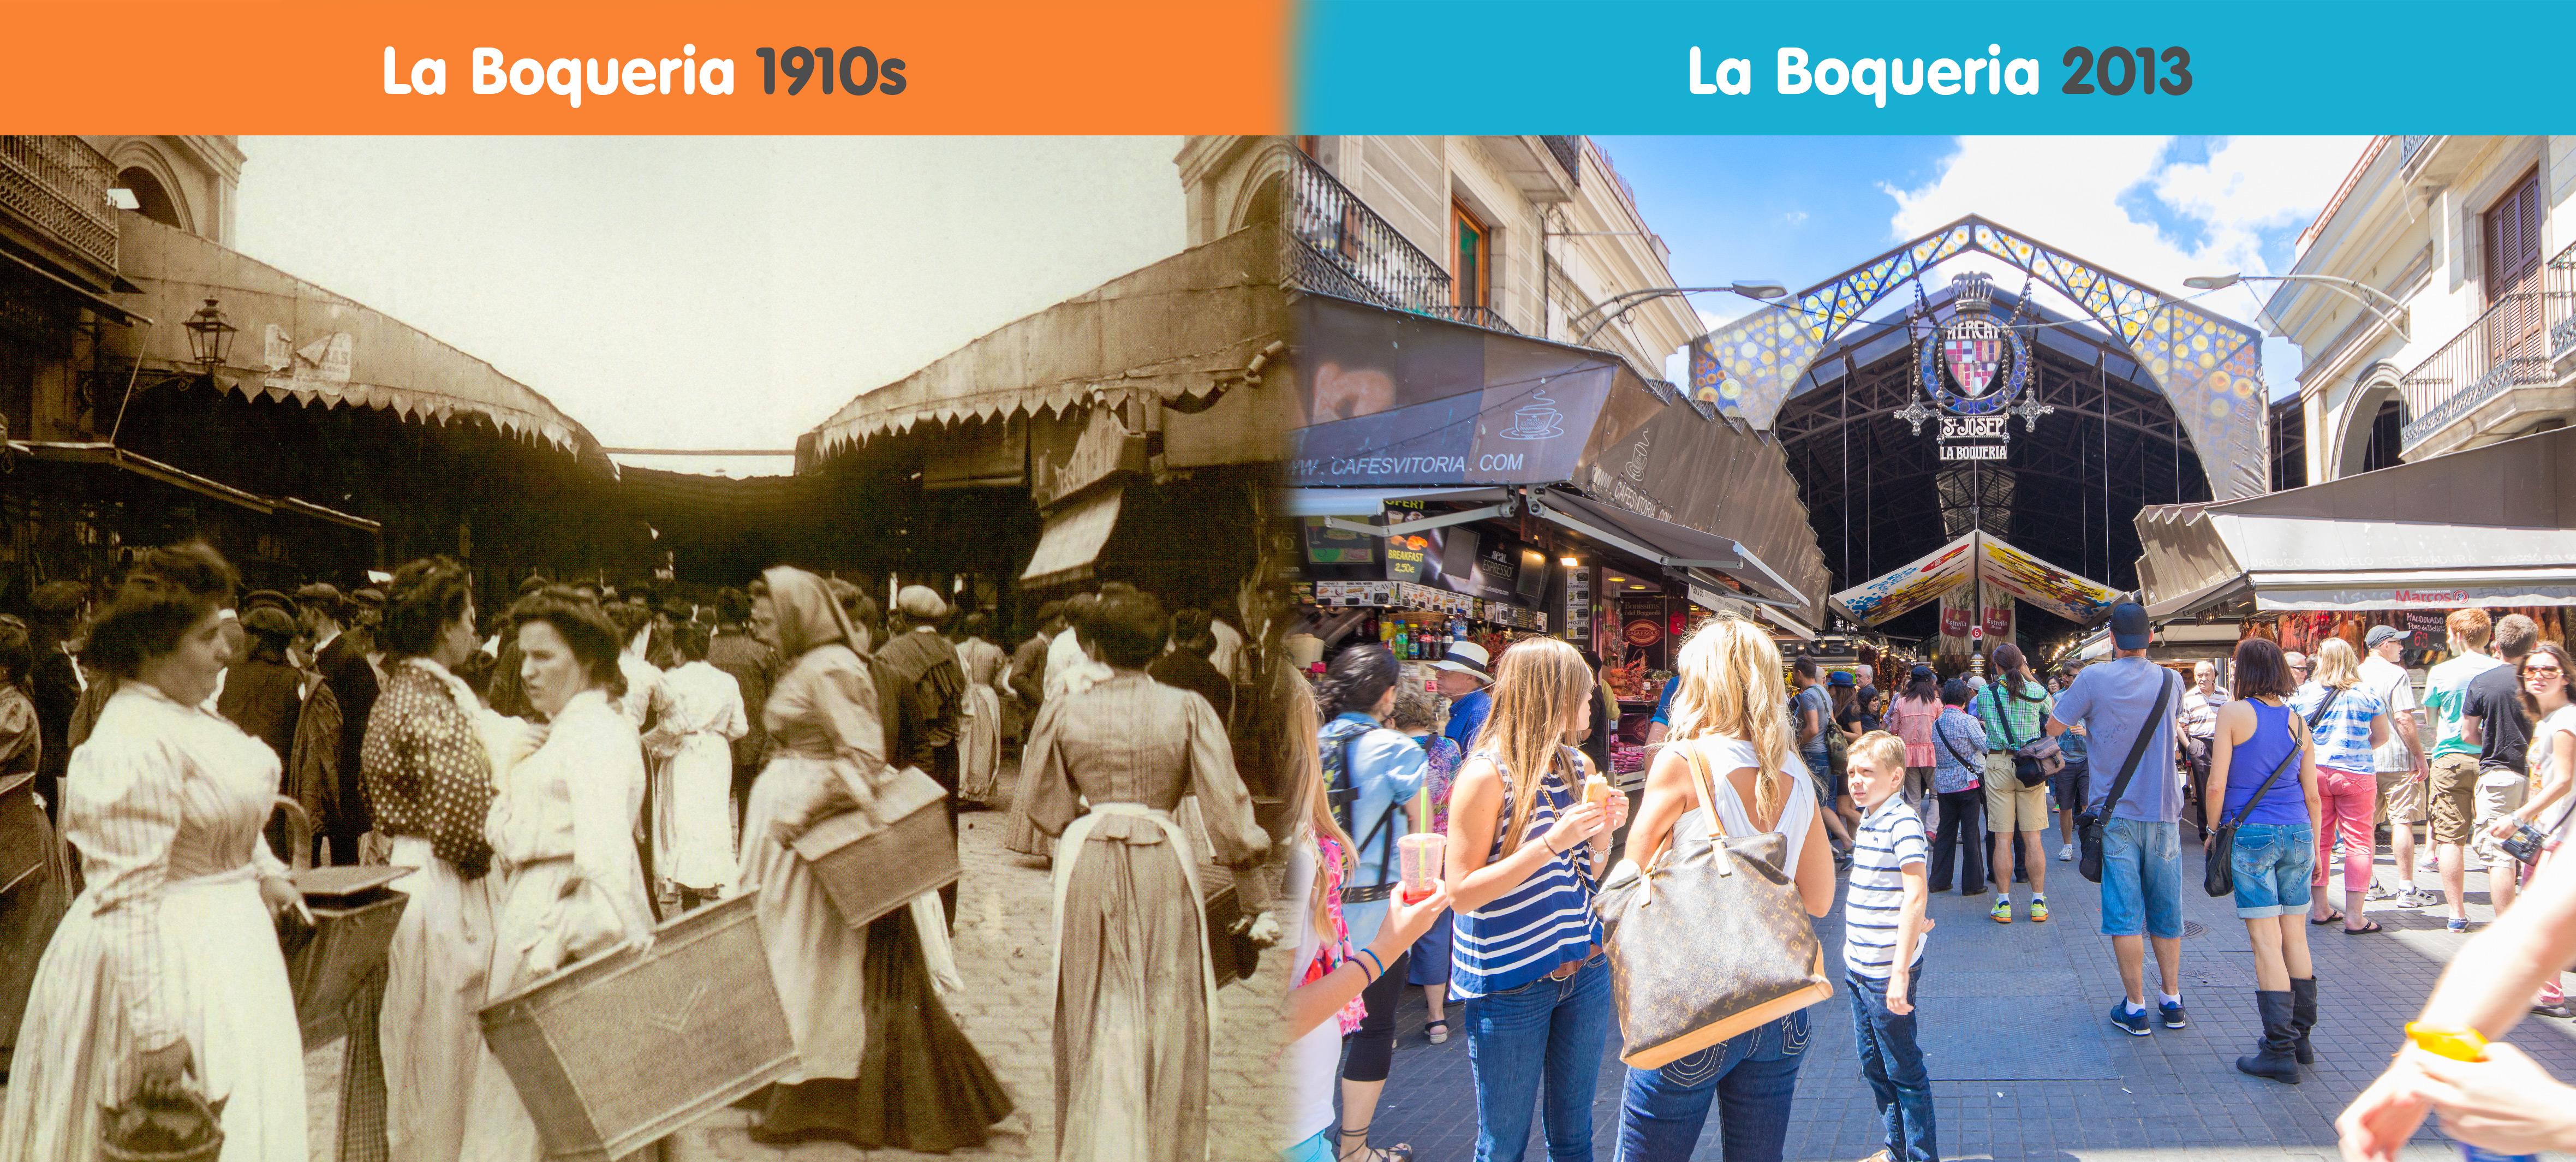 La Boqueria Since 1217